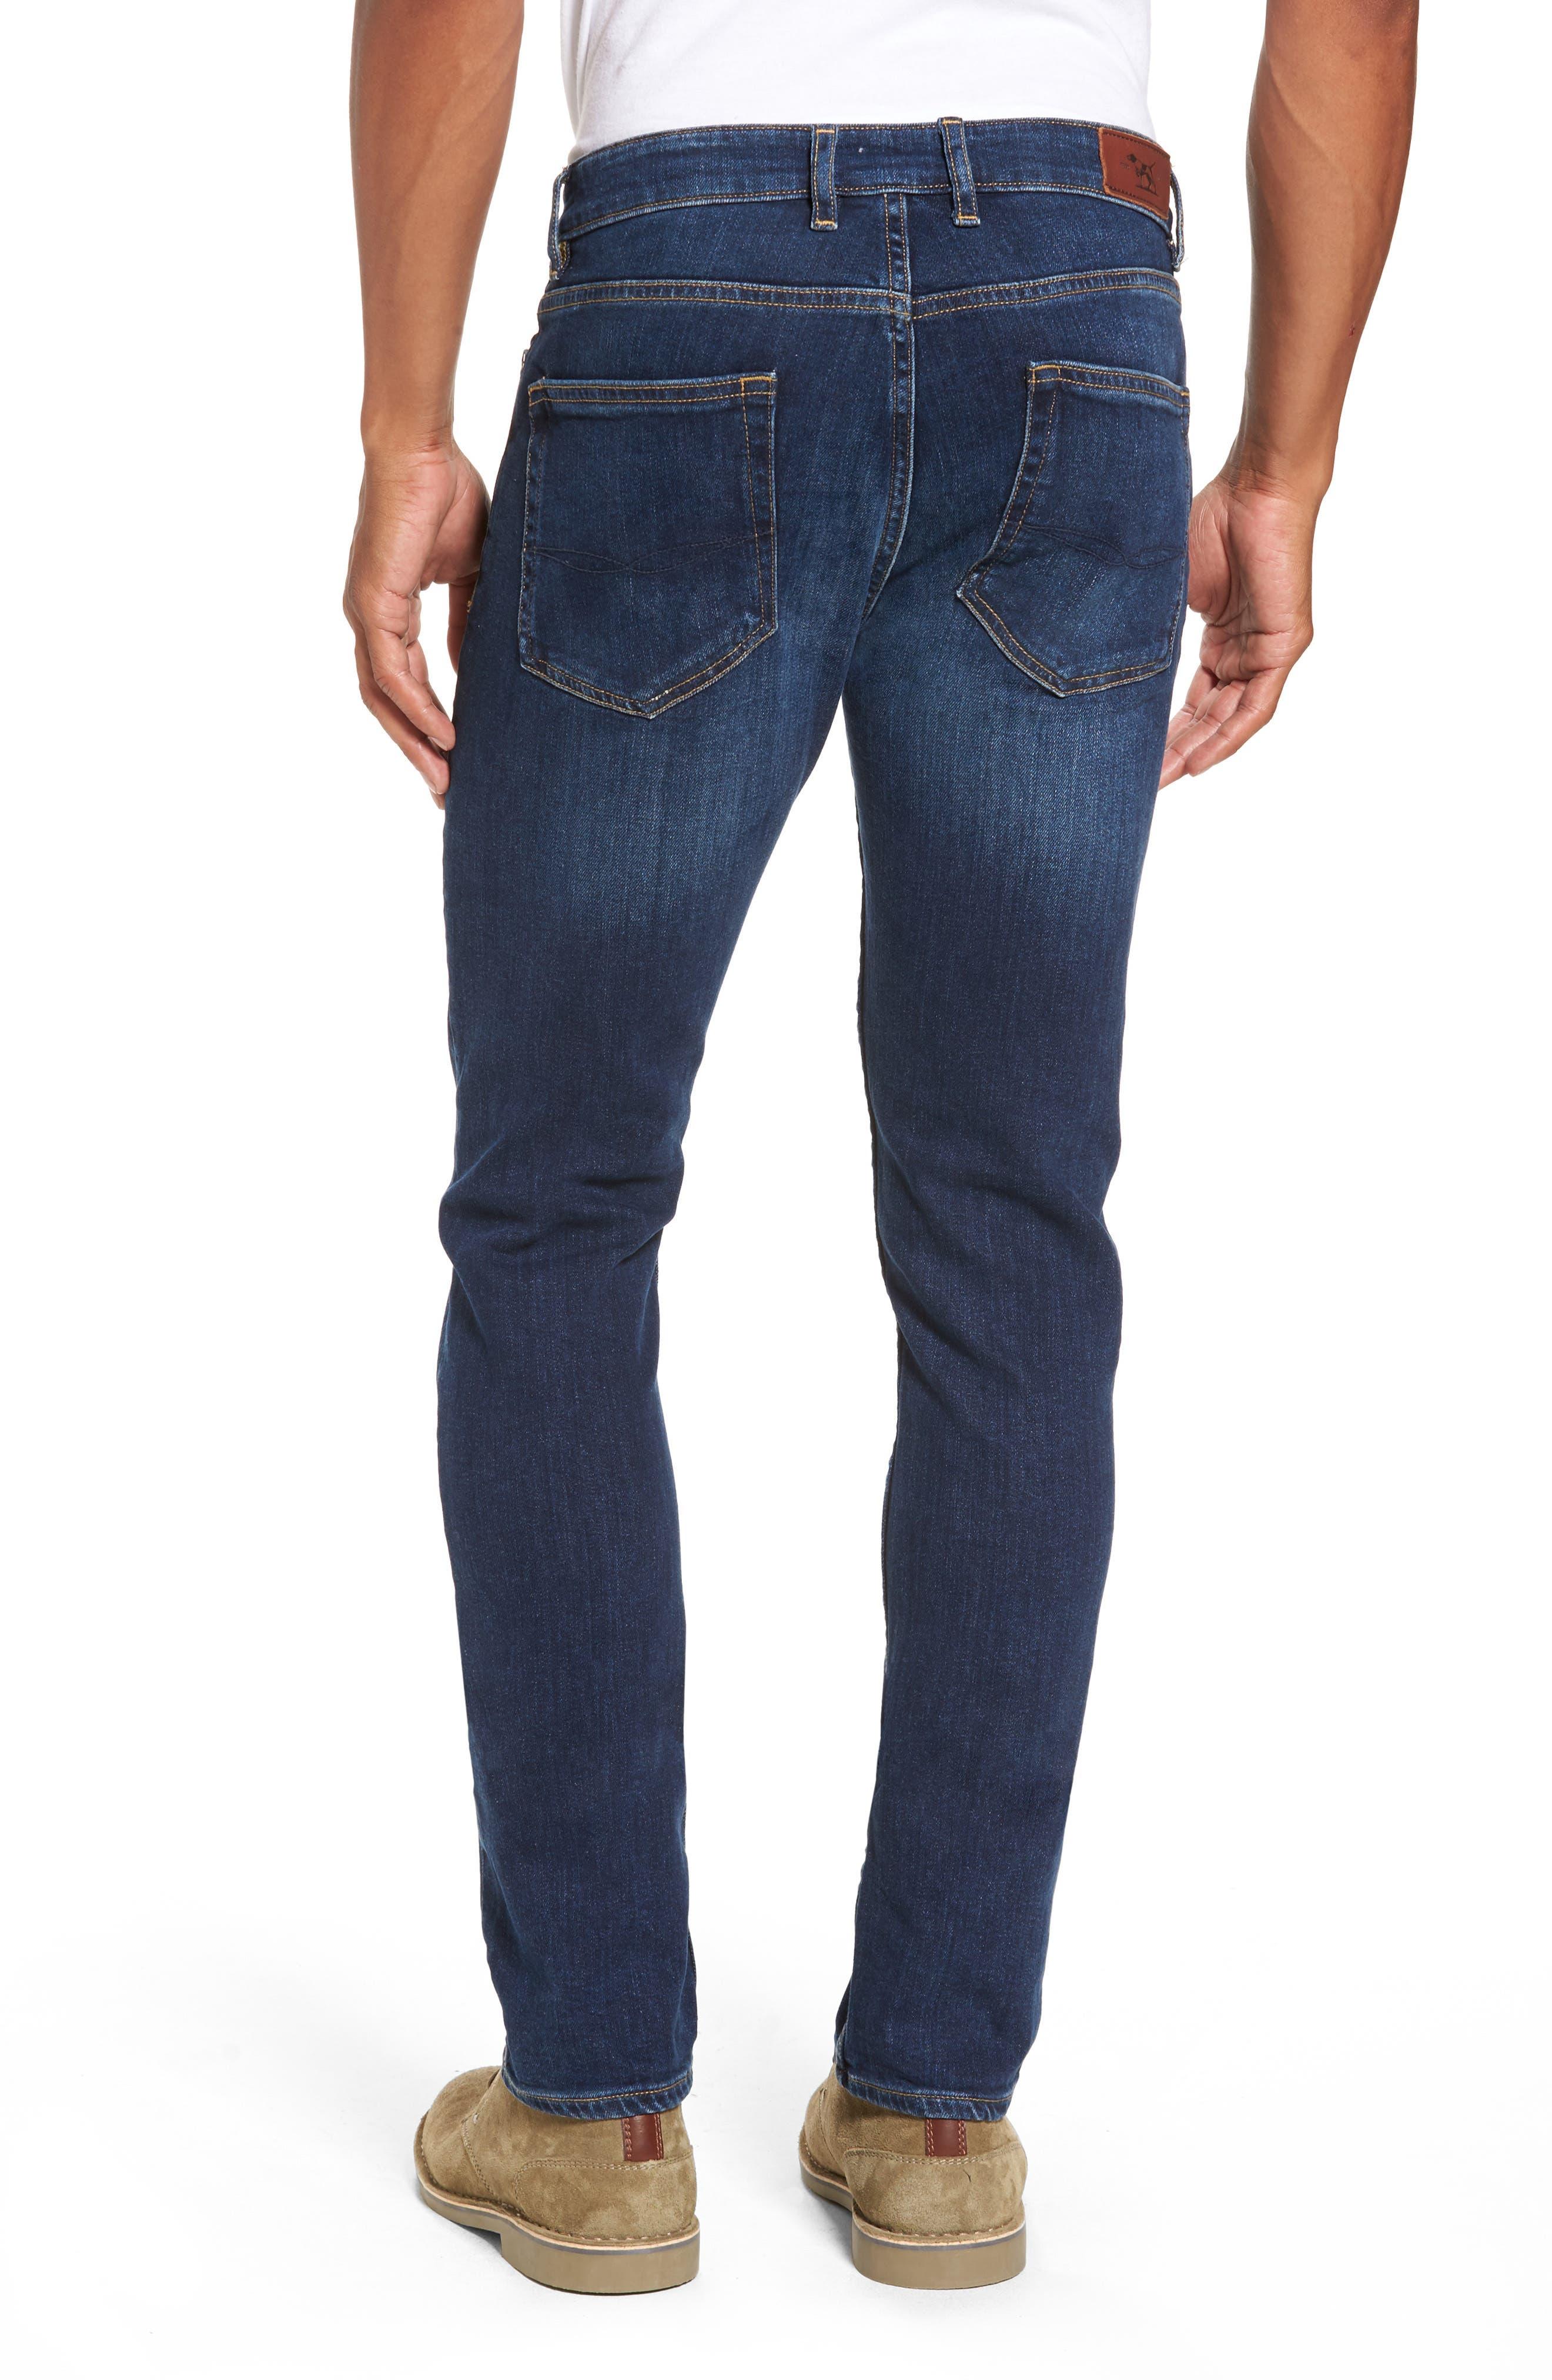 Derbyshire Slim Fit Jeans,                             Alternate thumbnail 2, color,                             DENIM